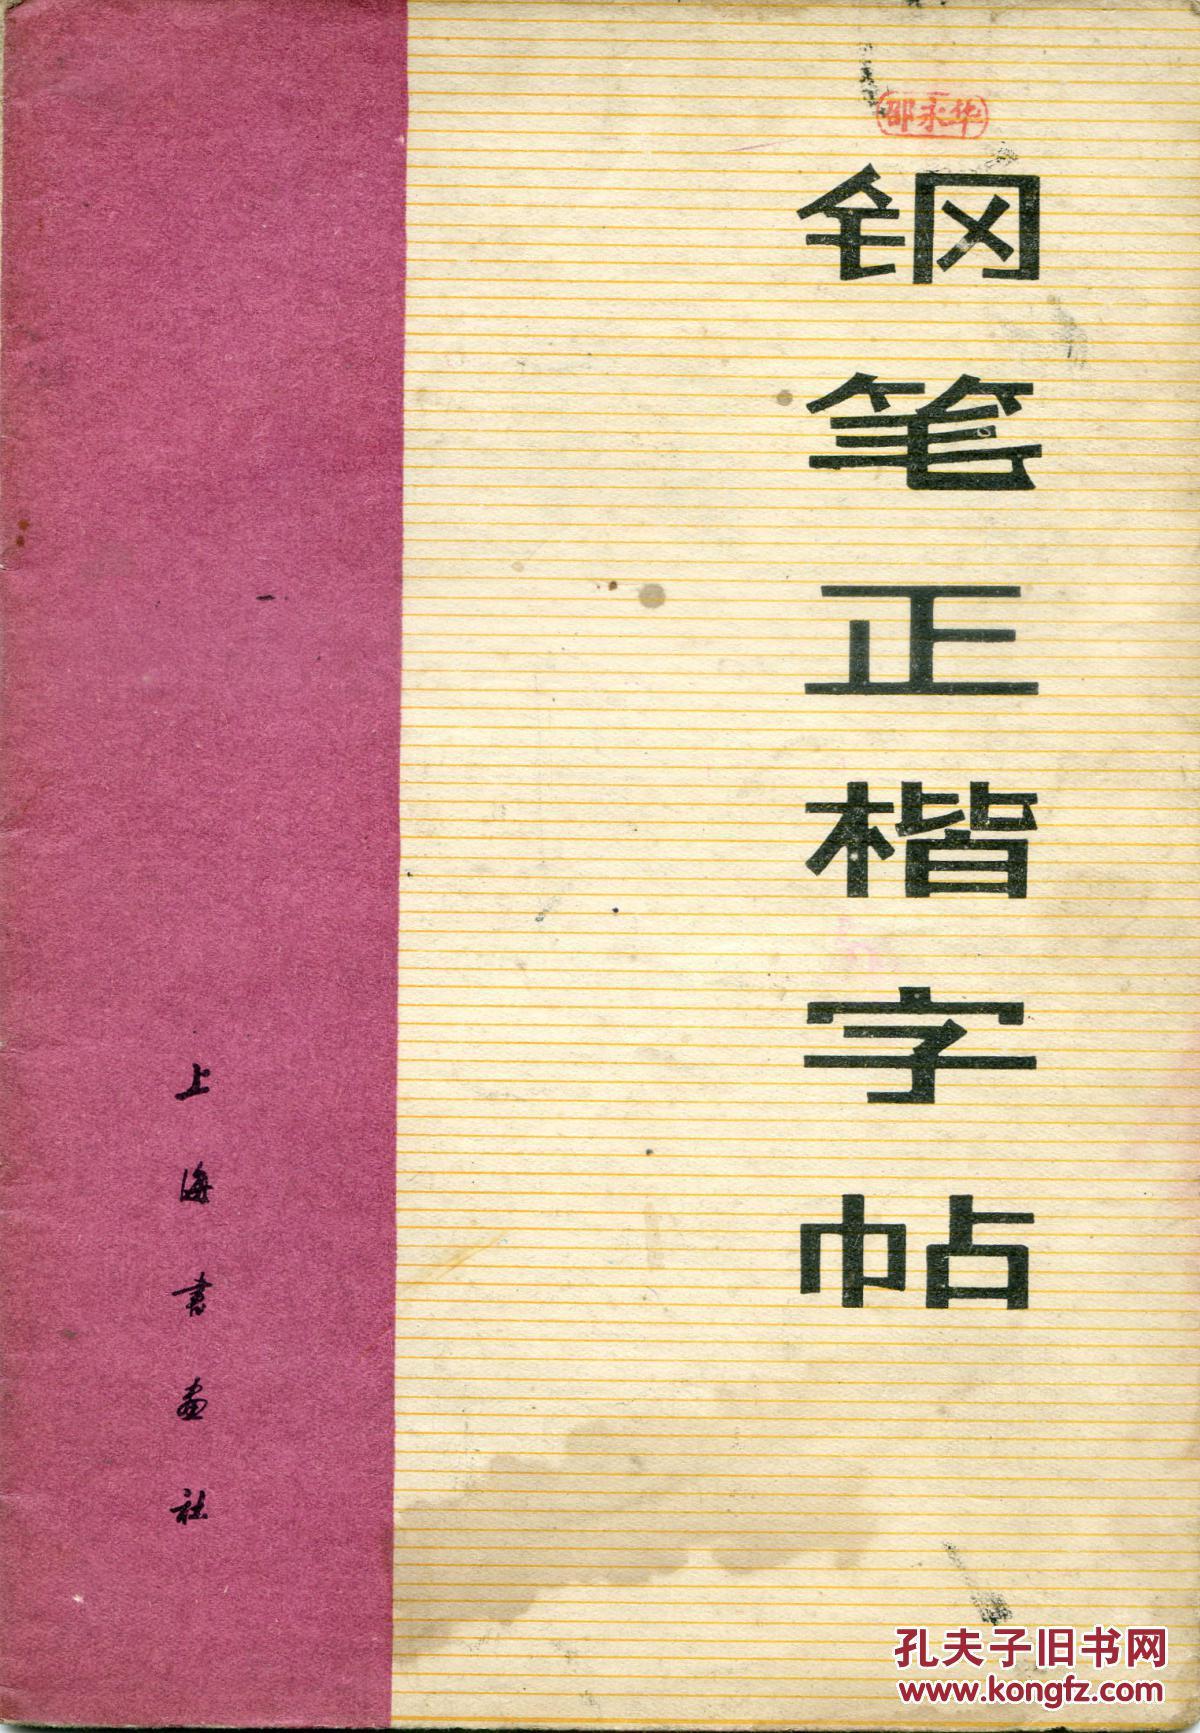 钢笔正楷字帖 (样板戏中的唱词:智取威虎山,红灯记,沙